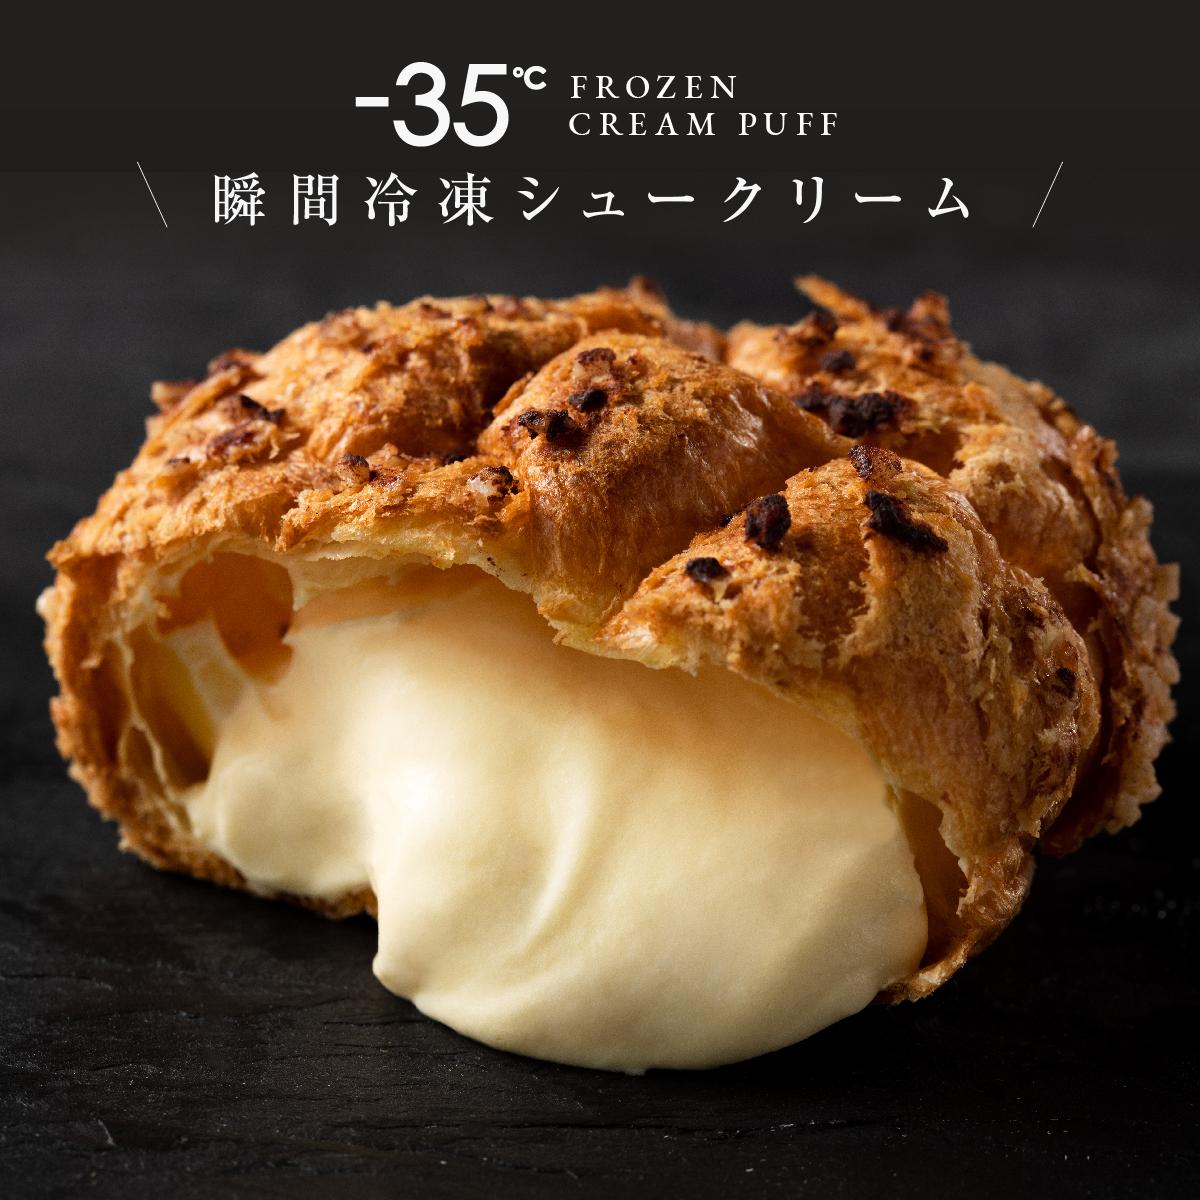 【-35℃】瞬間冷凍シュークリーム販売のご案内※別サイトでの販売